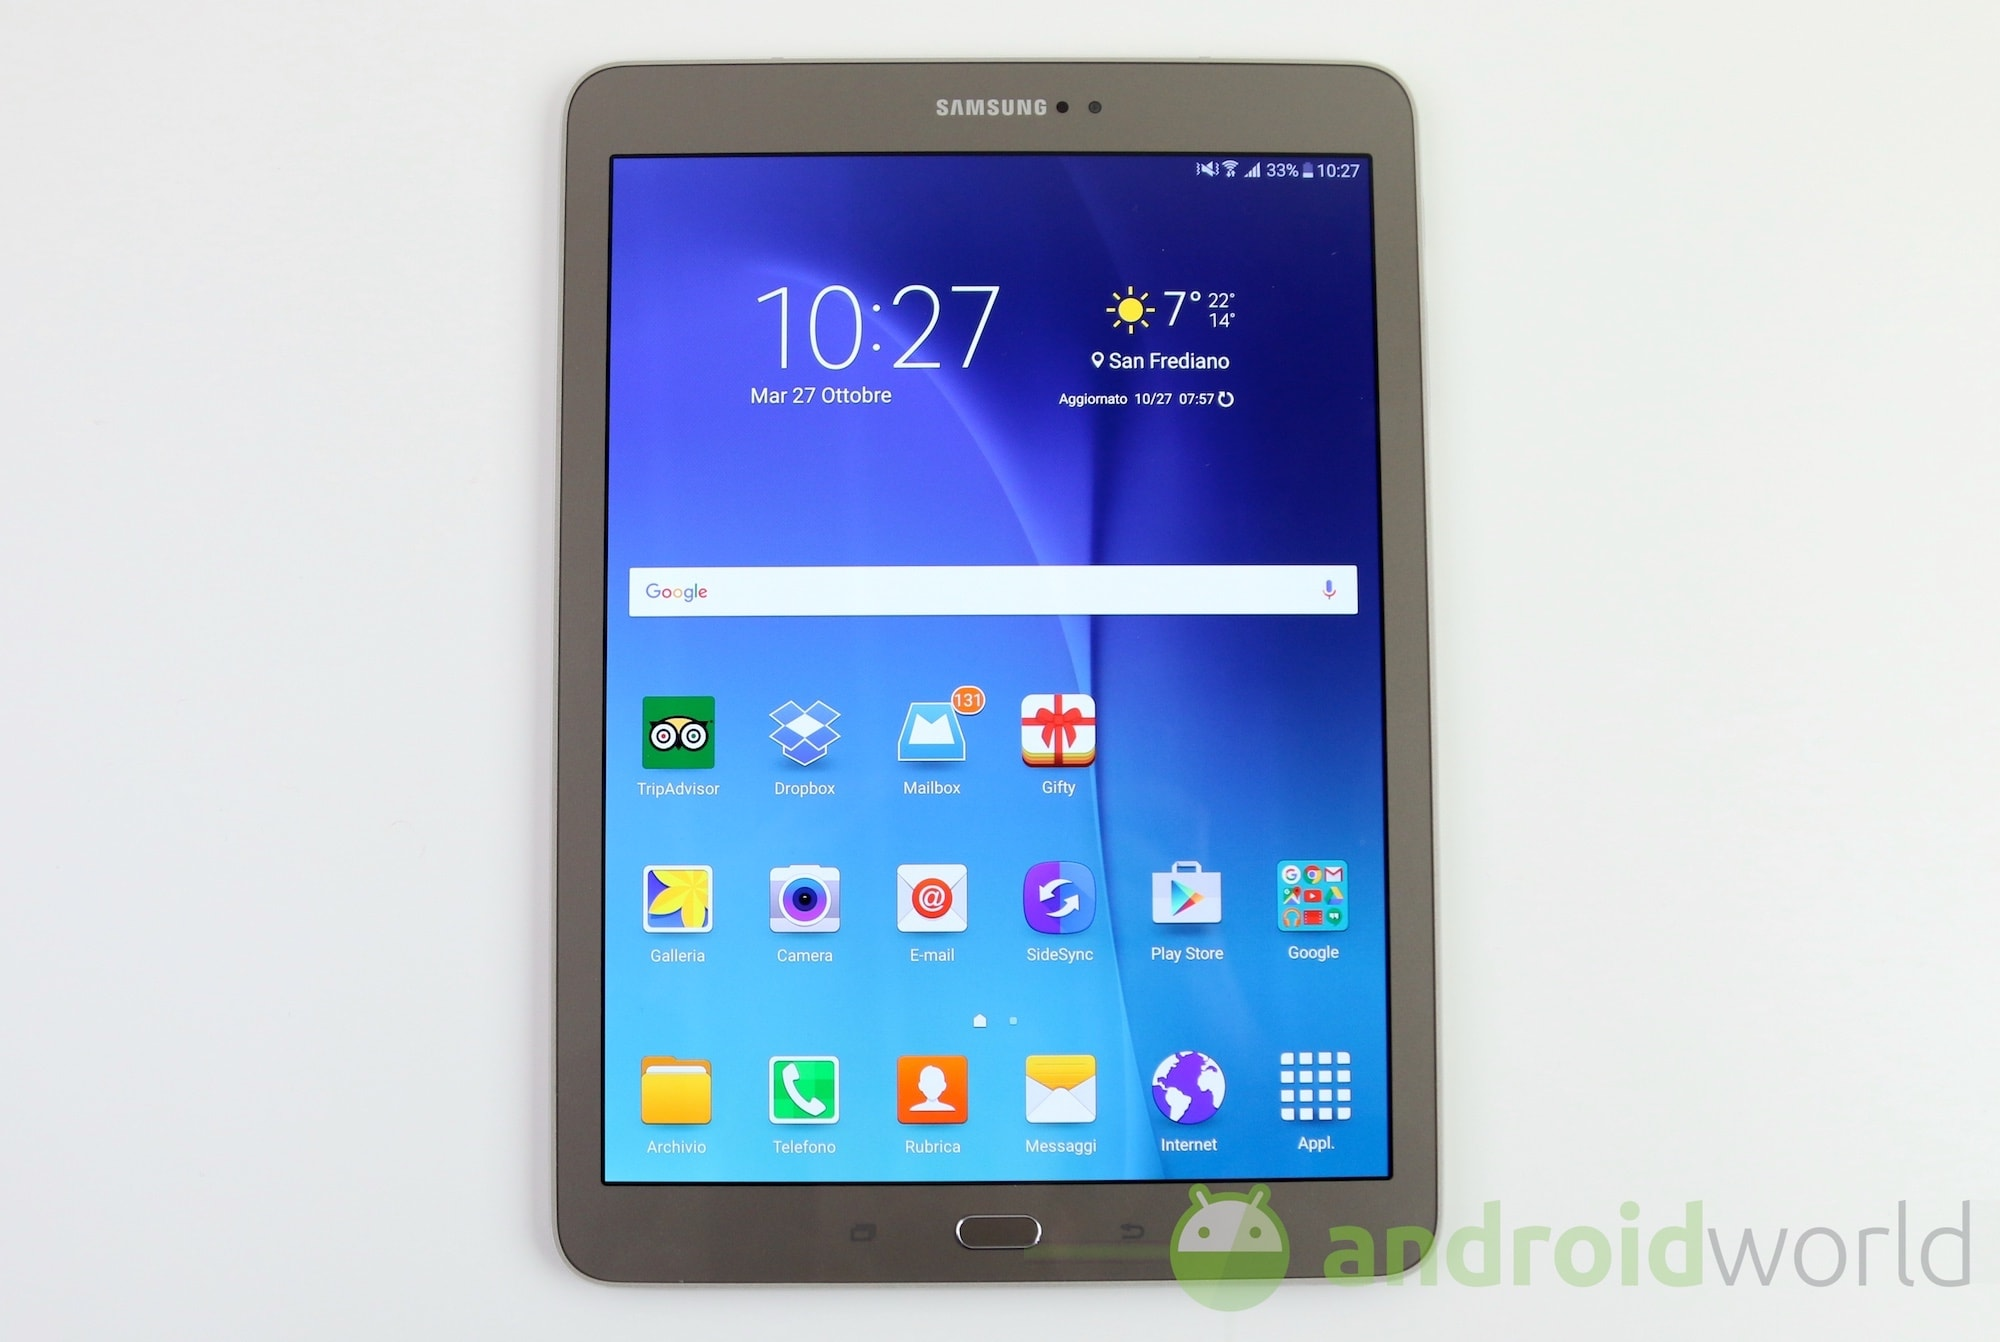 Samsung Galaxy Tab S2 9.7 – 1